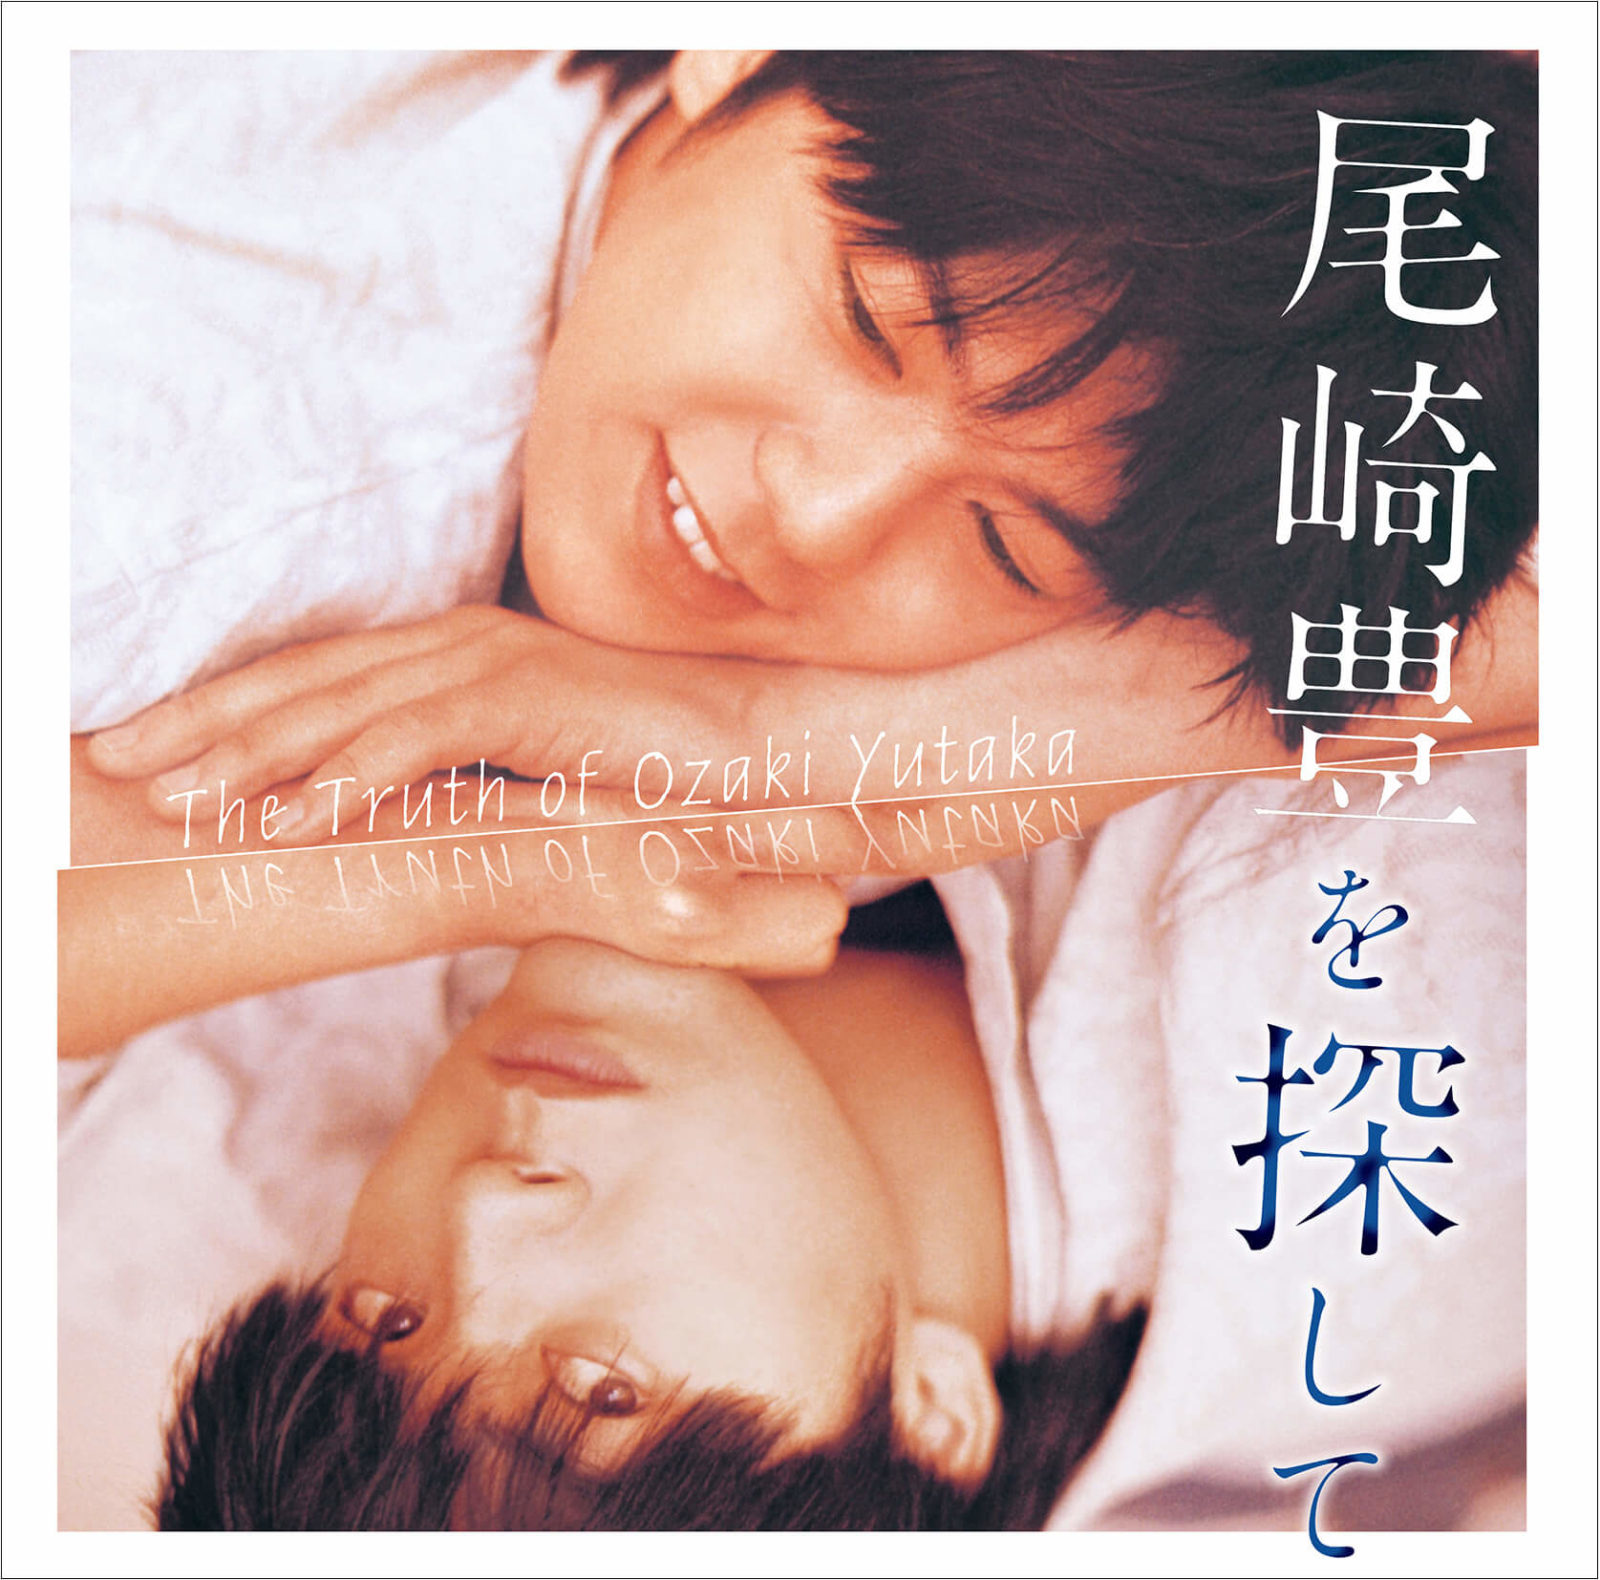 尾崎 豊、映画館先行販売のアルバムをリクエストに応えECサイトでリリース開始サムネイル画像!